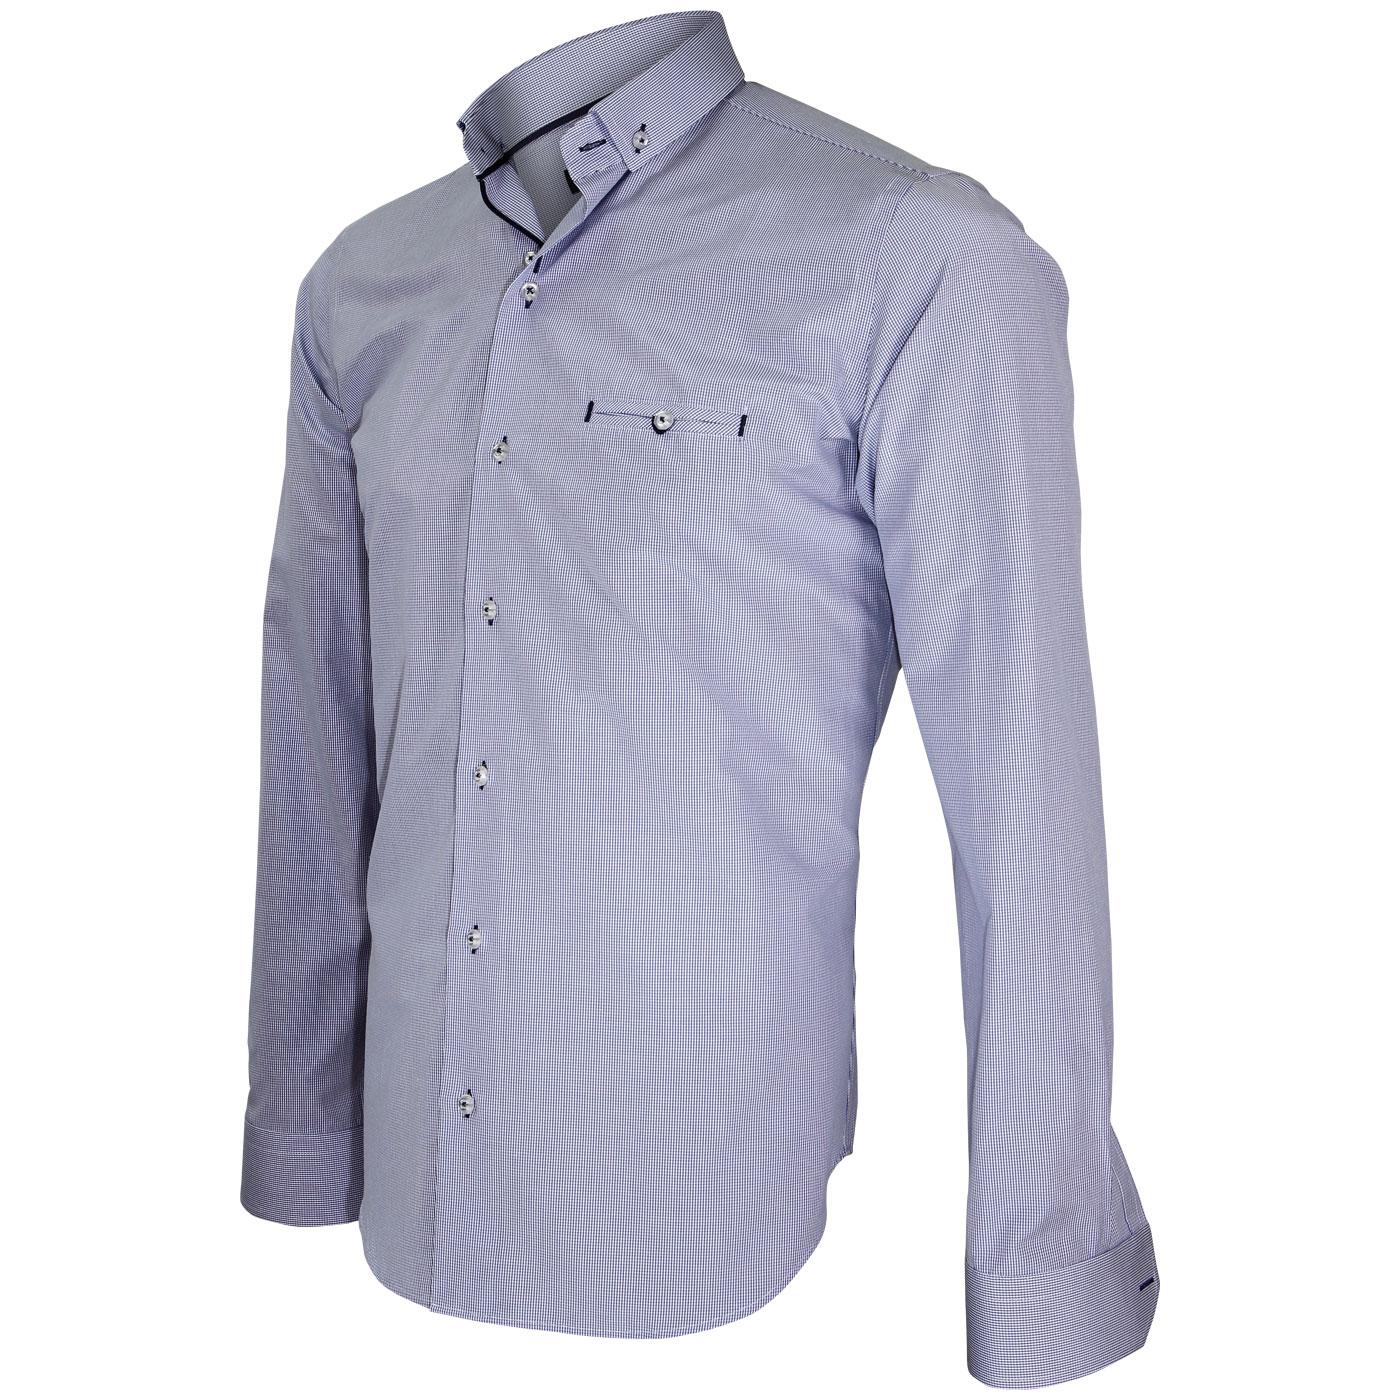 Chemise italienne chemiseweb le sp cialiste de la - Chemise homme fashion coupe italienne cintree ...